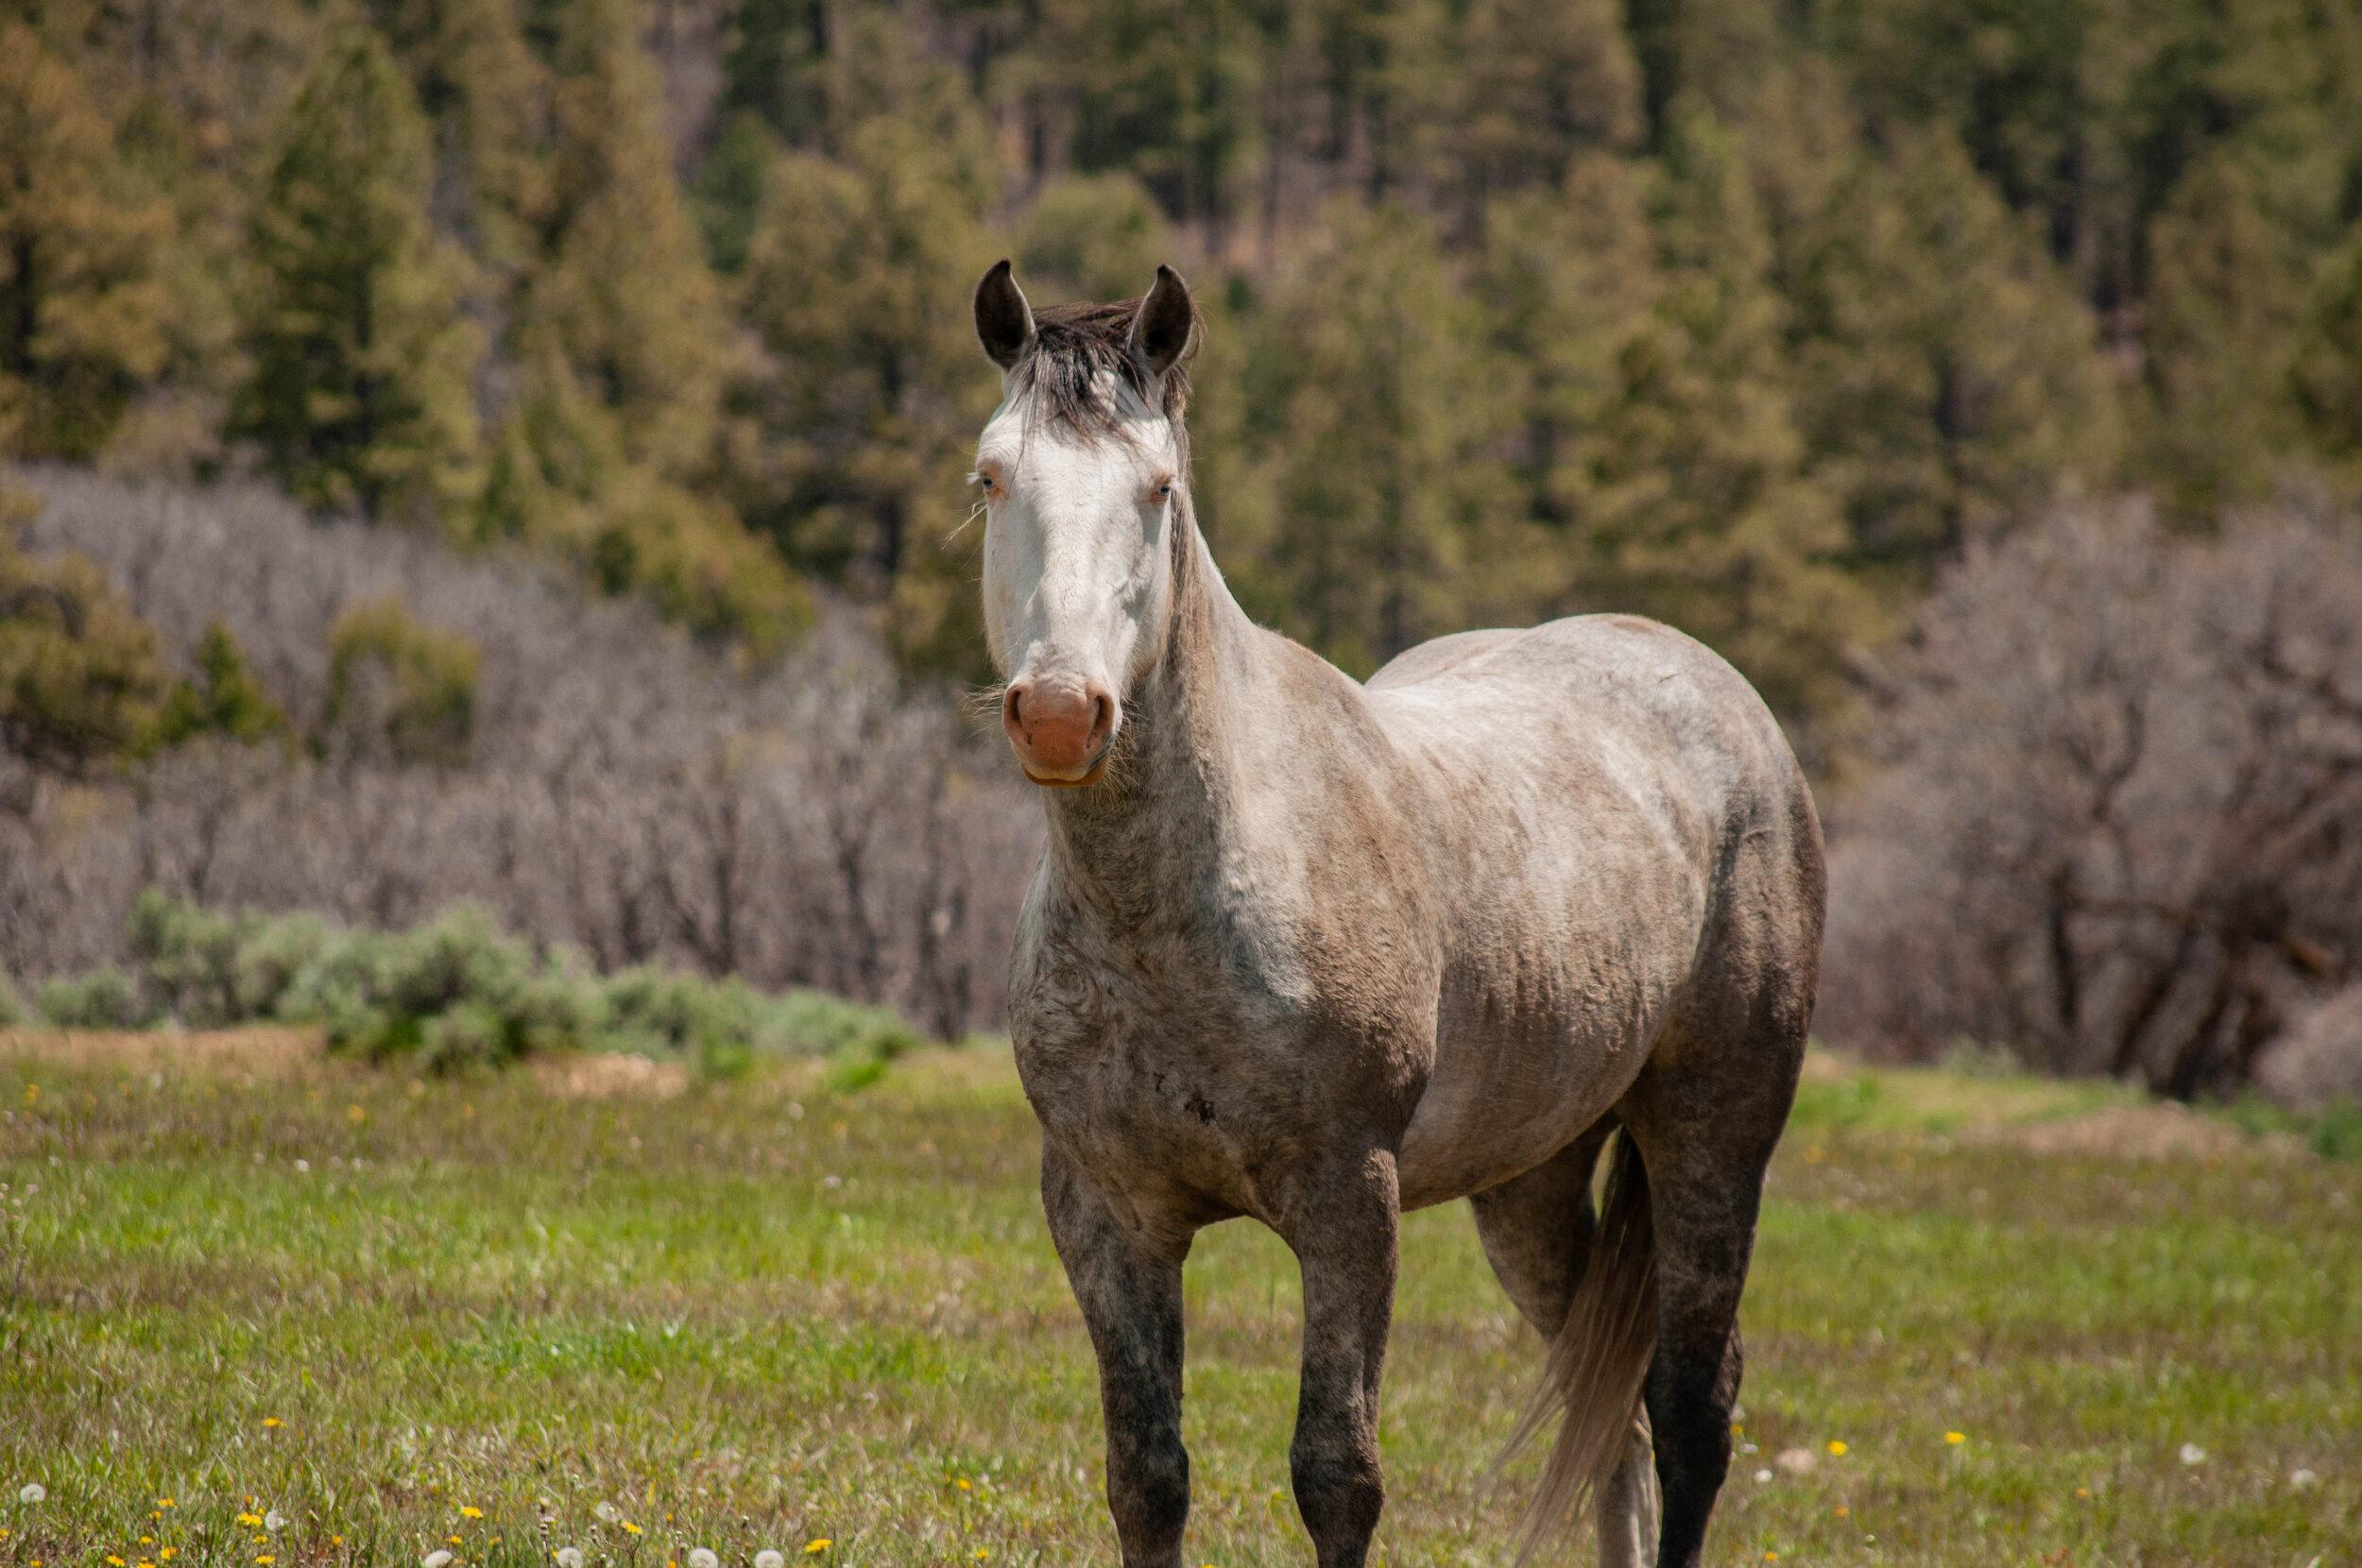 Wild Horses Thriving on Wild Land